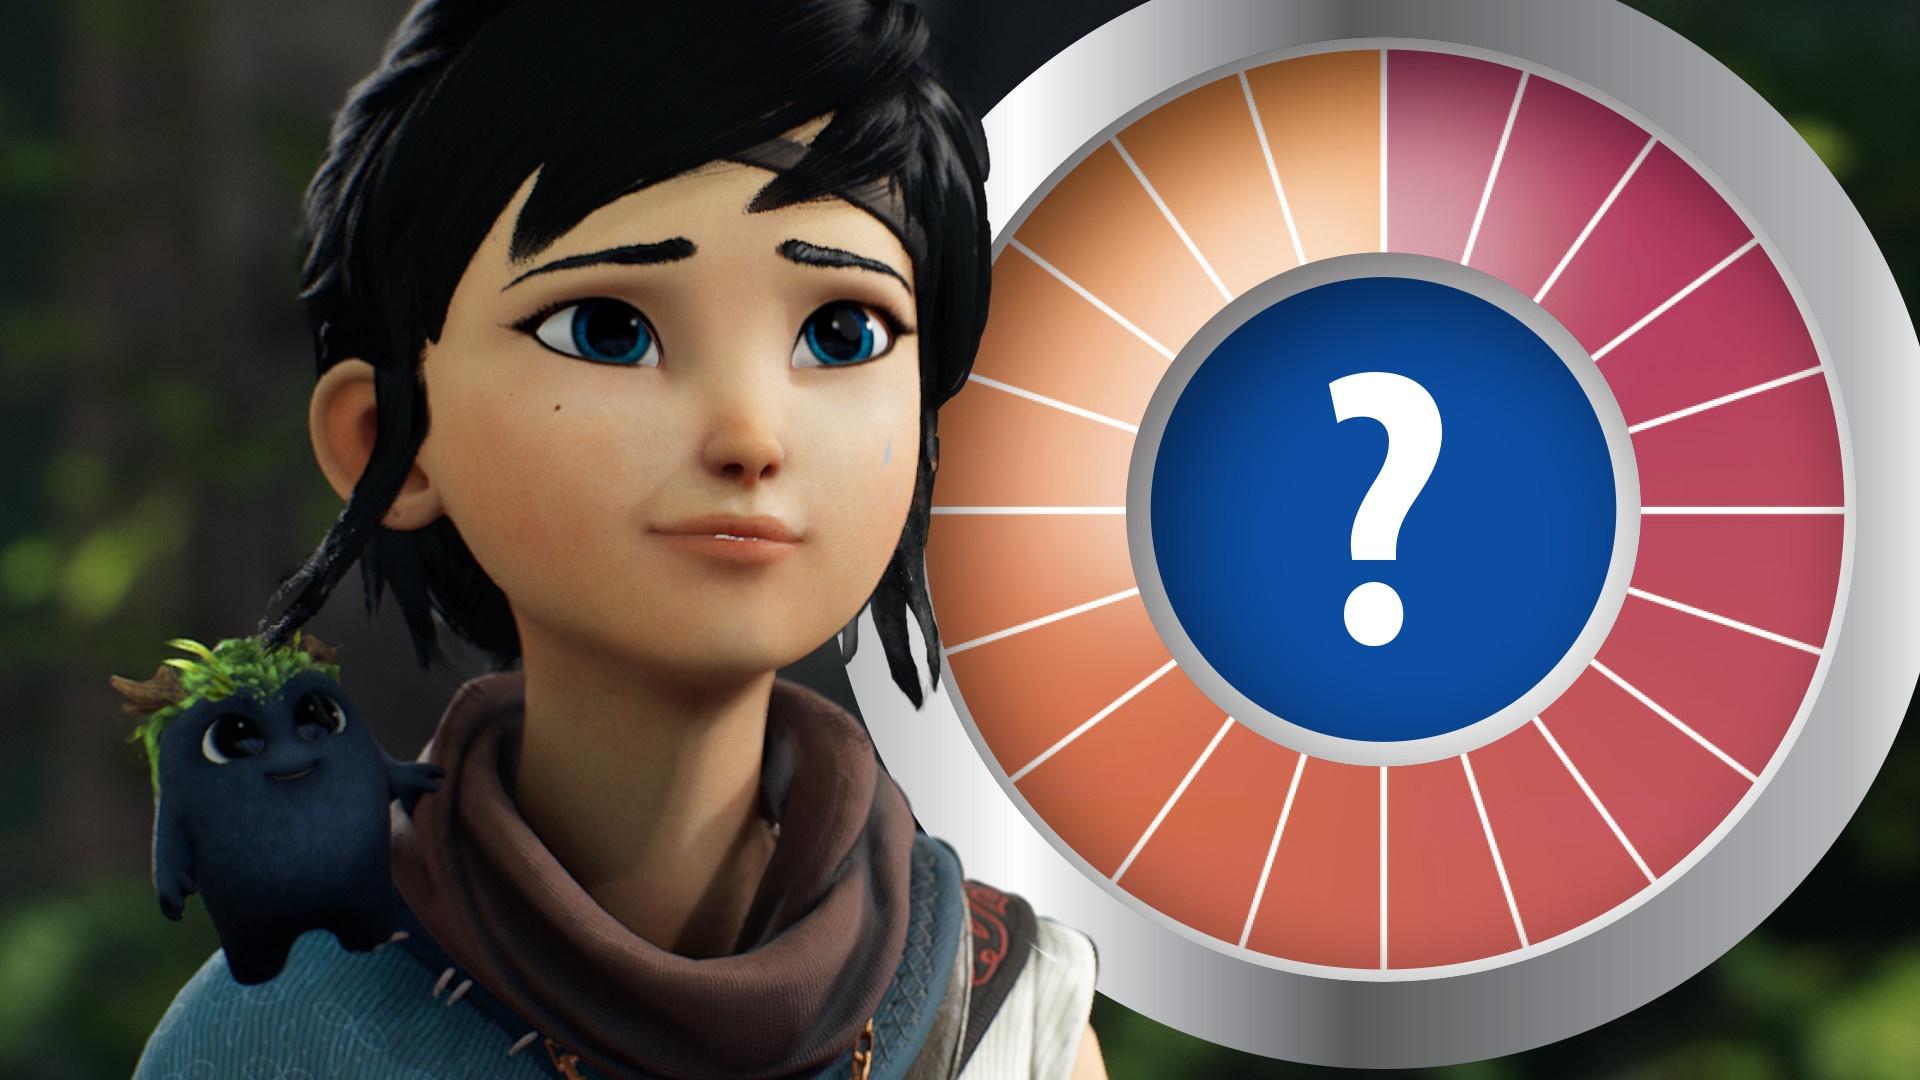 www.gamestar.de